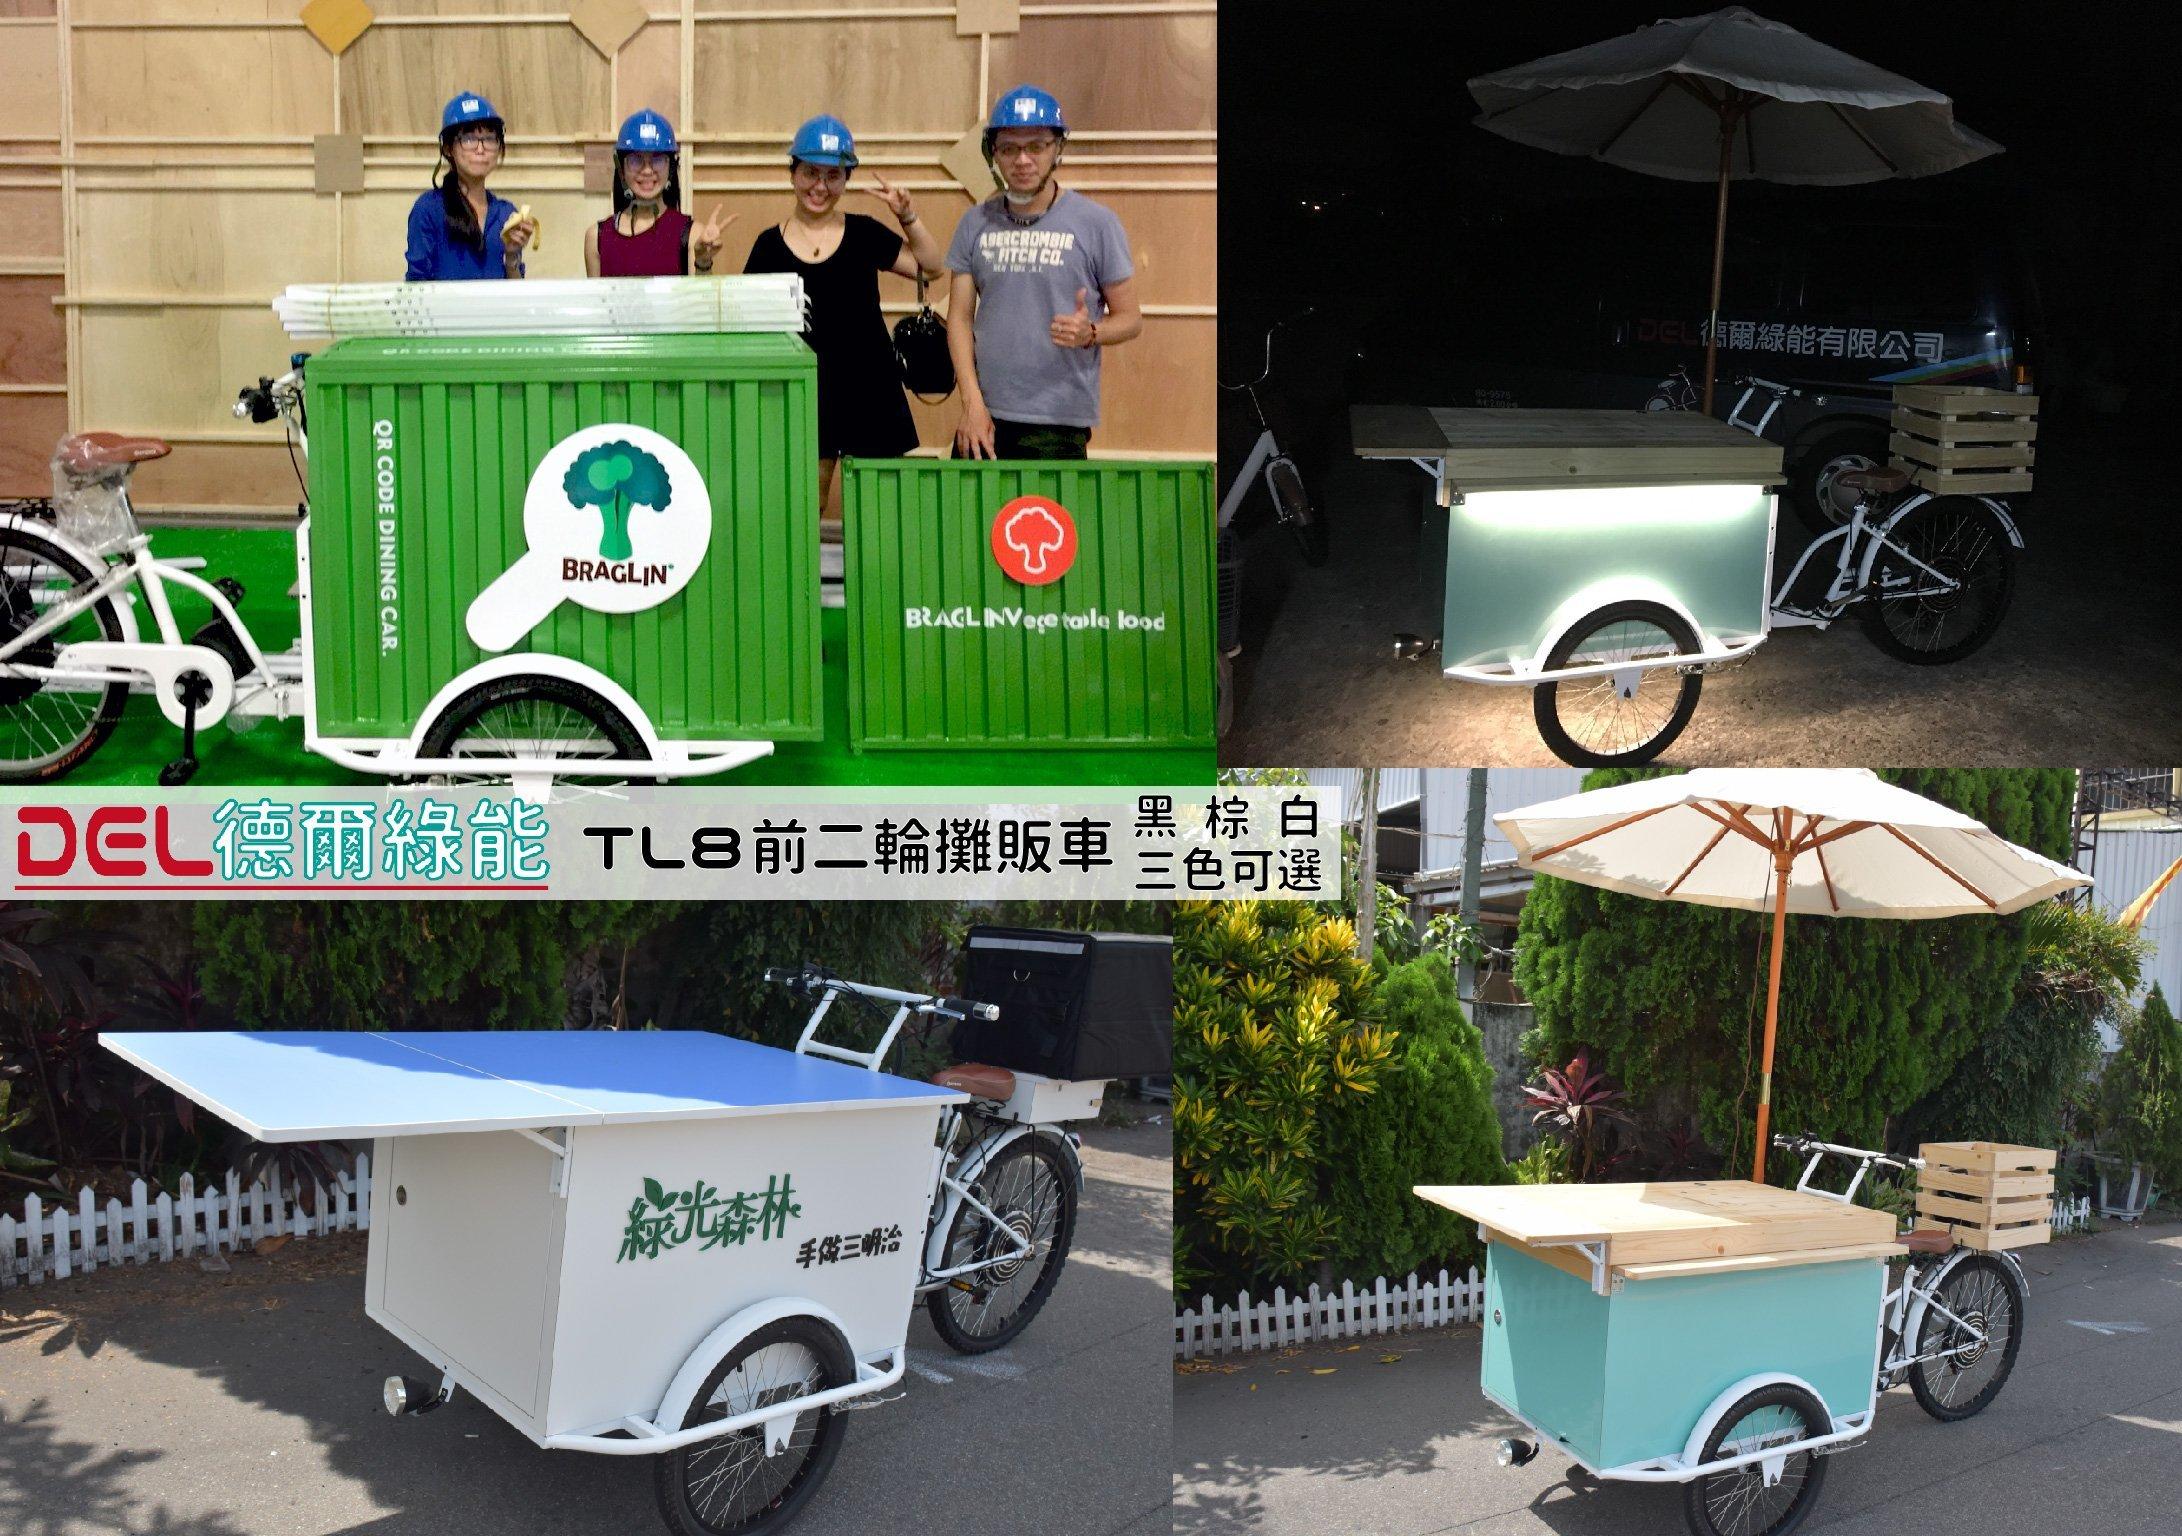 德爾綠能 EA-TL8 台灣製電動倒兩輪三輪車  攤販車 訂做各式攤車 咖啡車 飲料車 搭配Shimano6速變速器